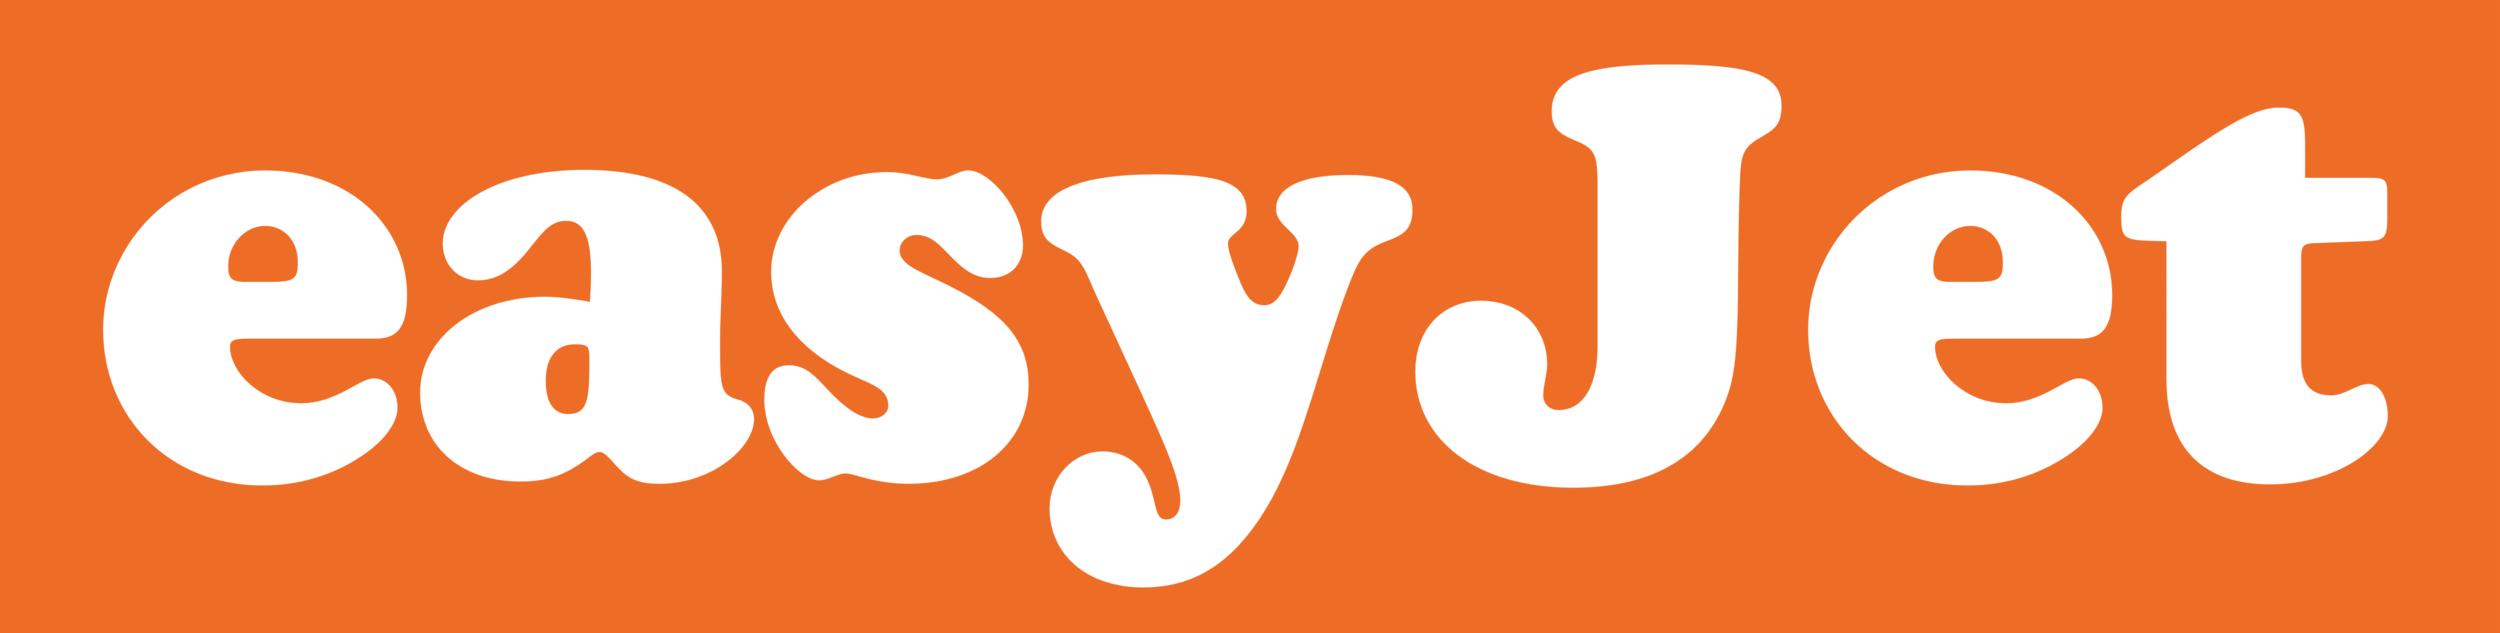 EasyJet_logotype_logo_emblem_2.png